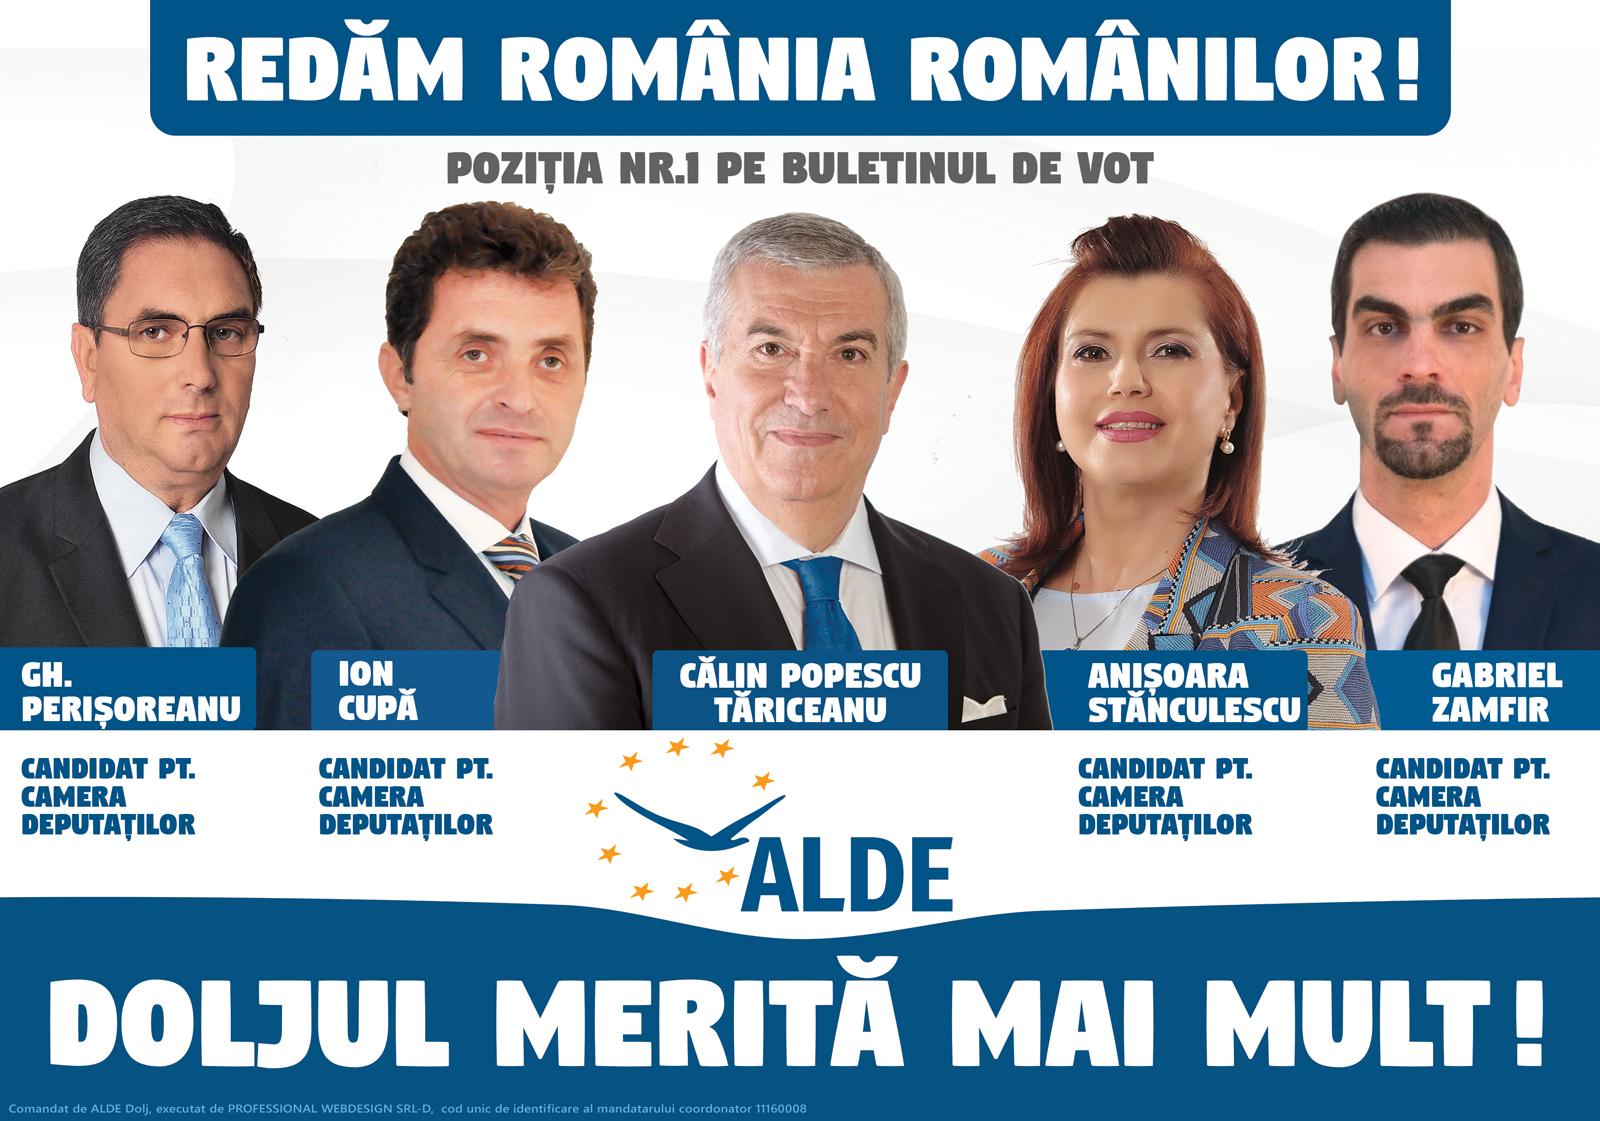 afis_candid-cam-deputatilor_v1-1-1